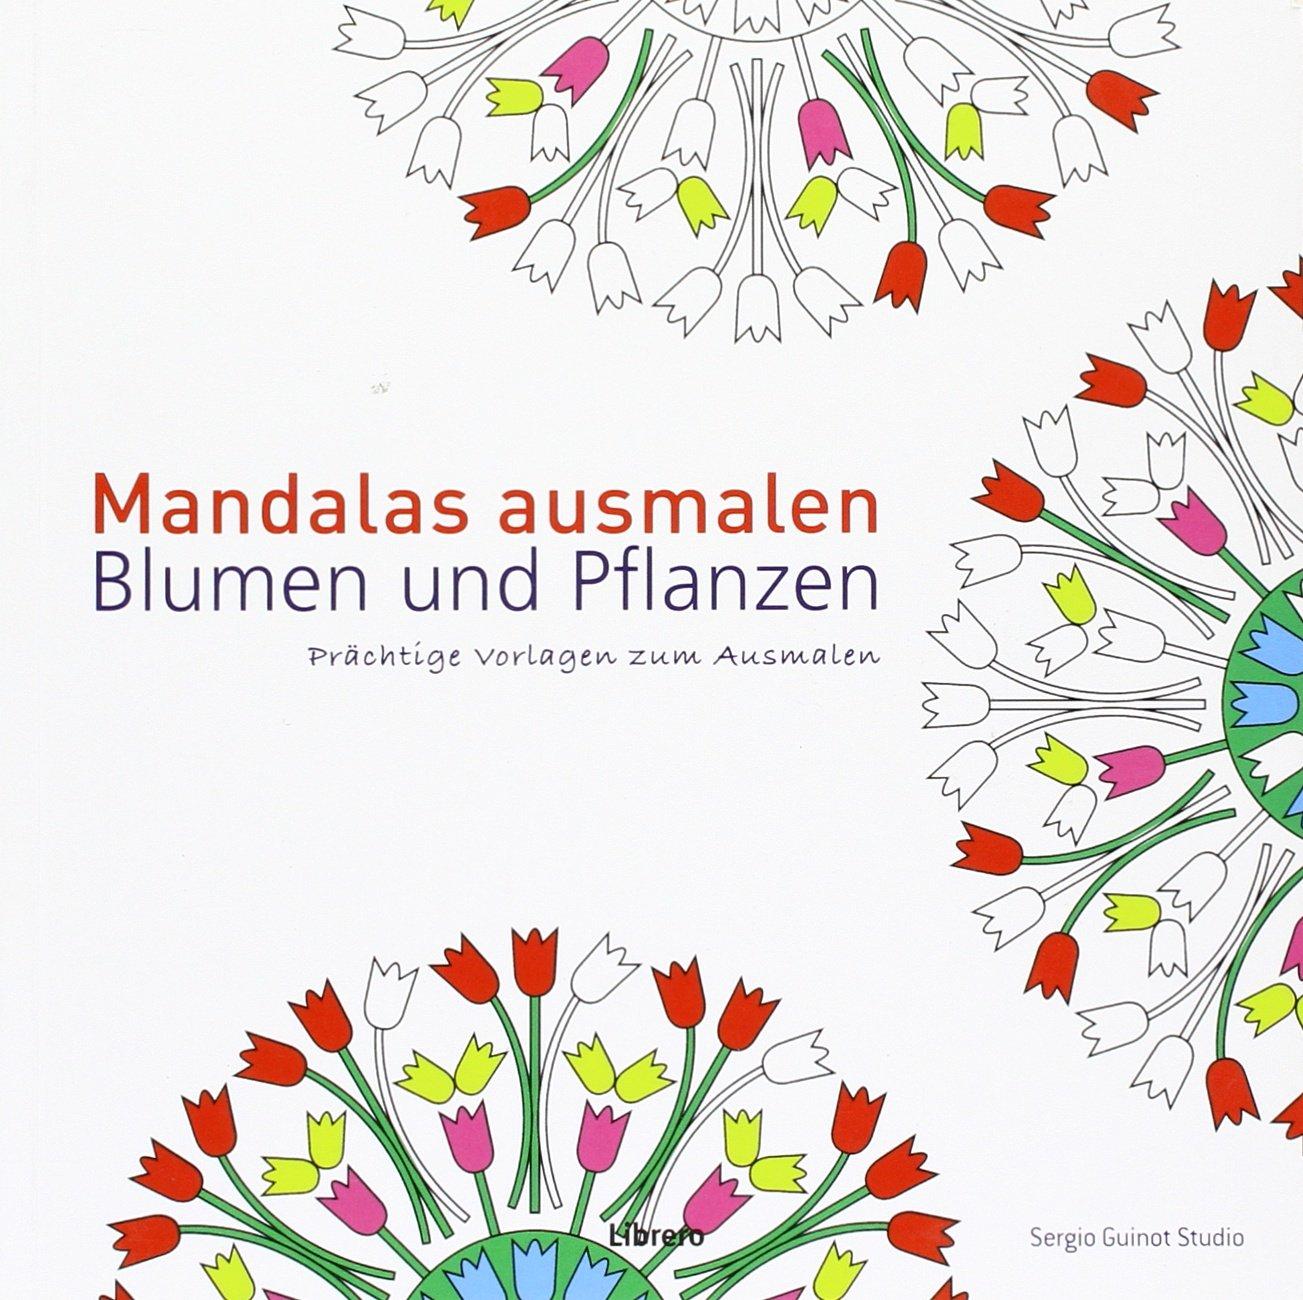 Mandalas Ausmalen Blumen Und Pflanzen 9789089983930 Amazon Com